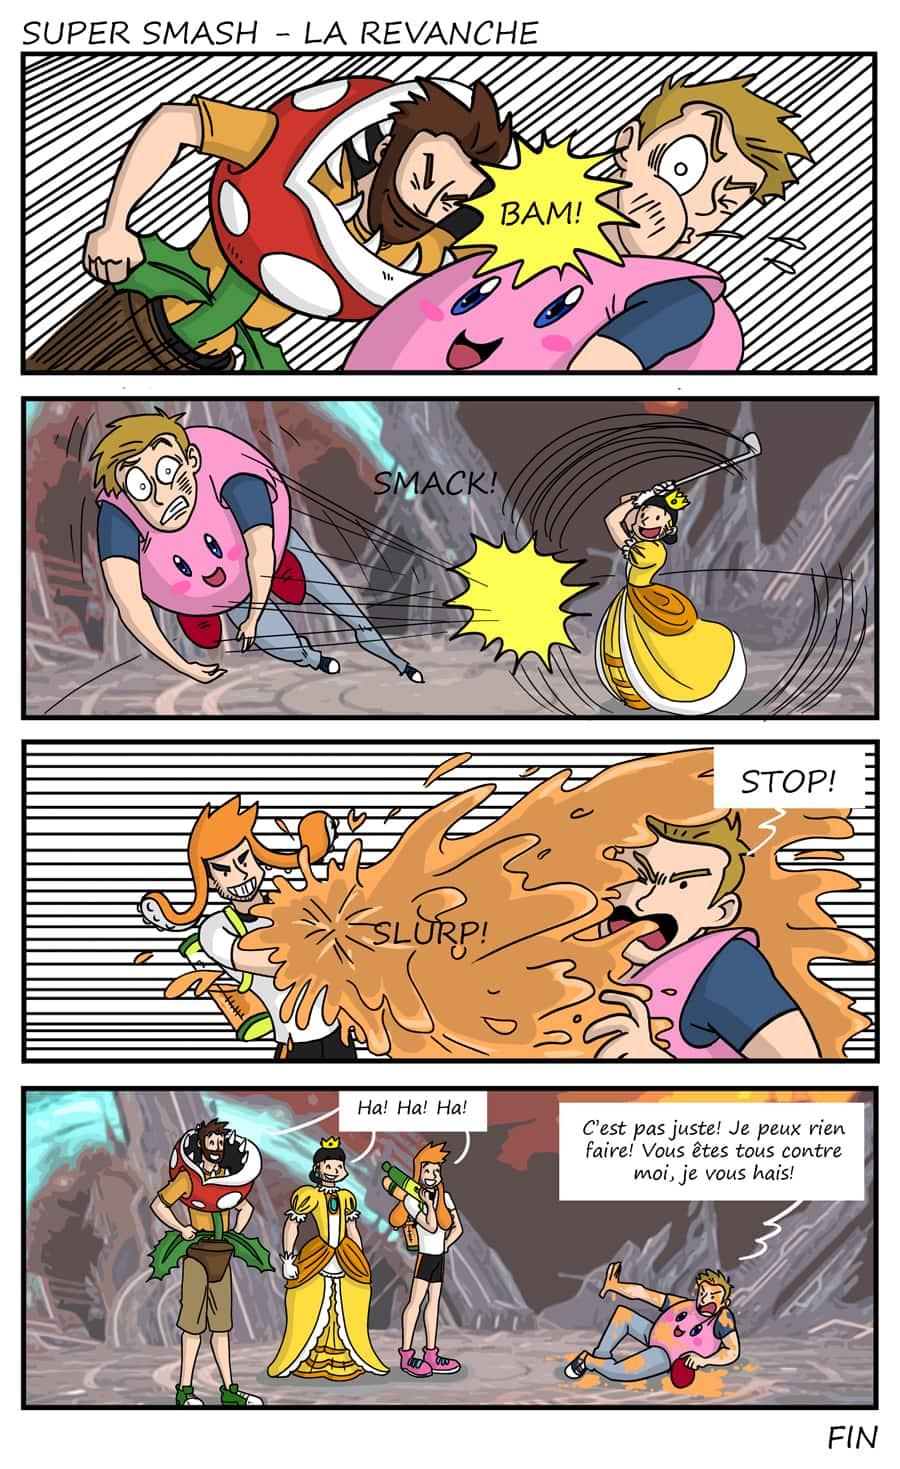 Spécial - Super Smash - La revanche